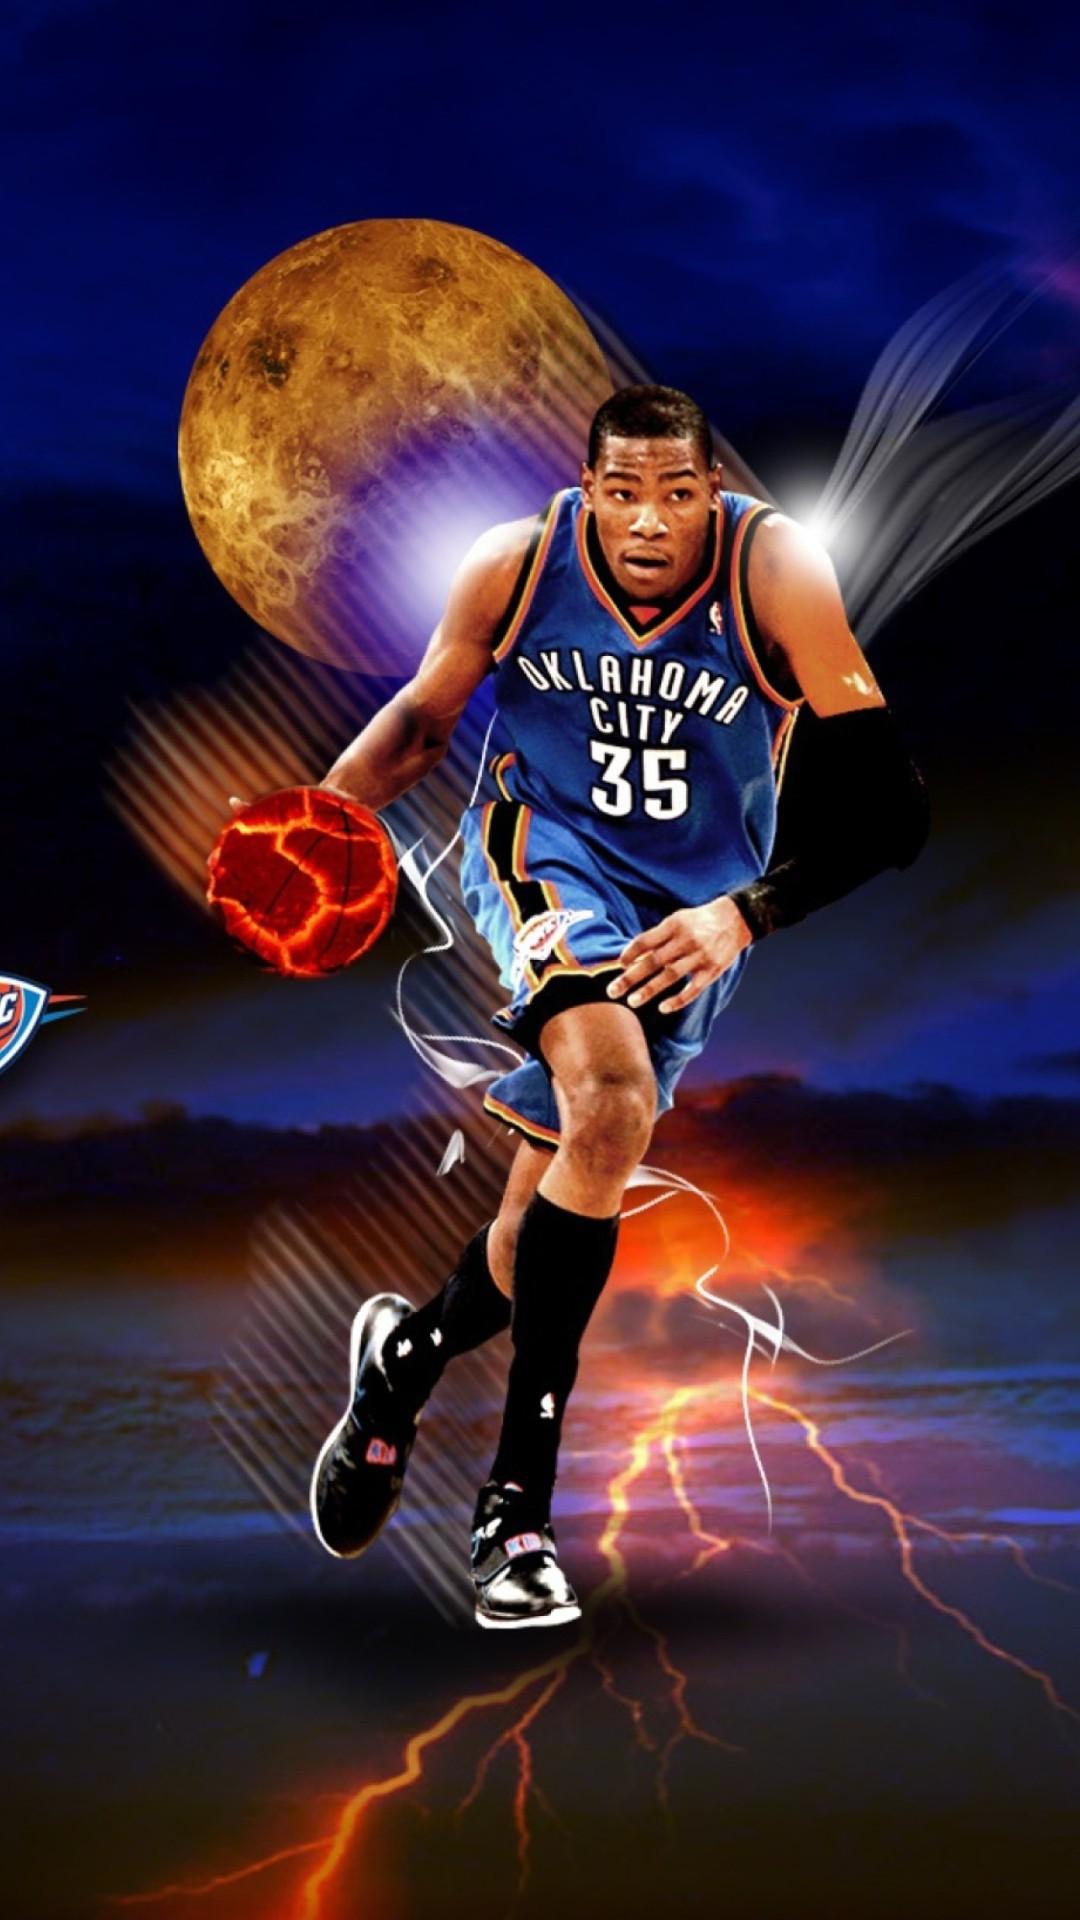 Basketball iPhone 5 wallpaper